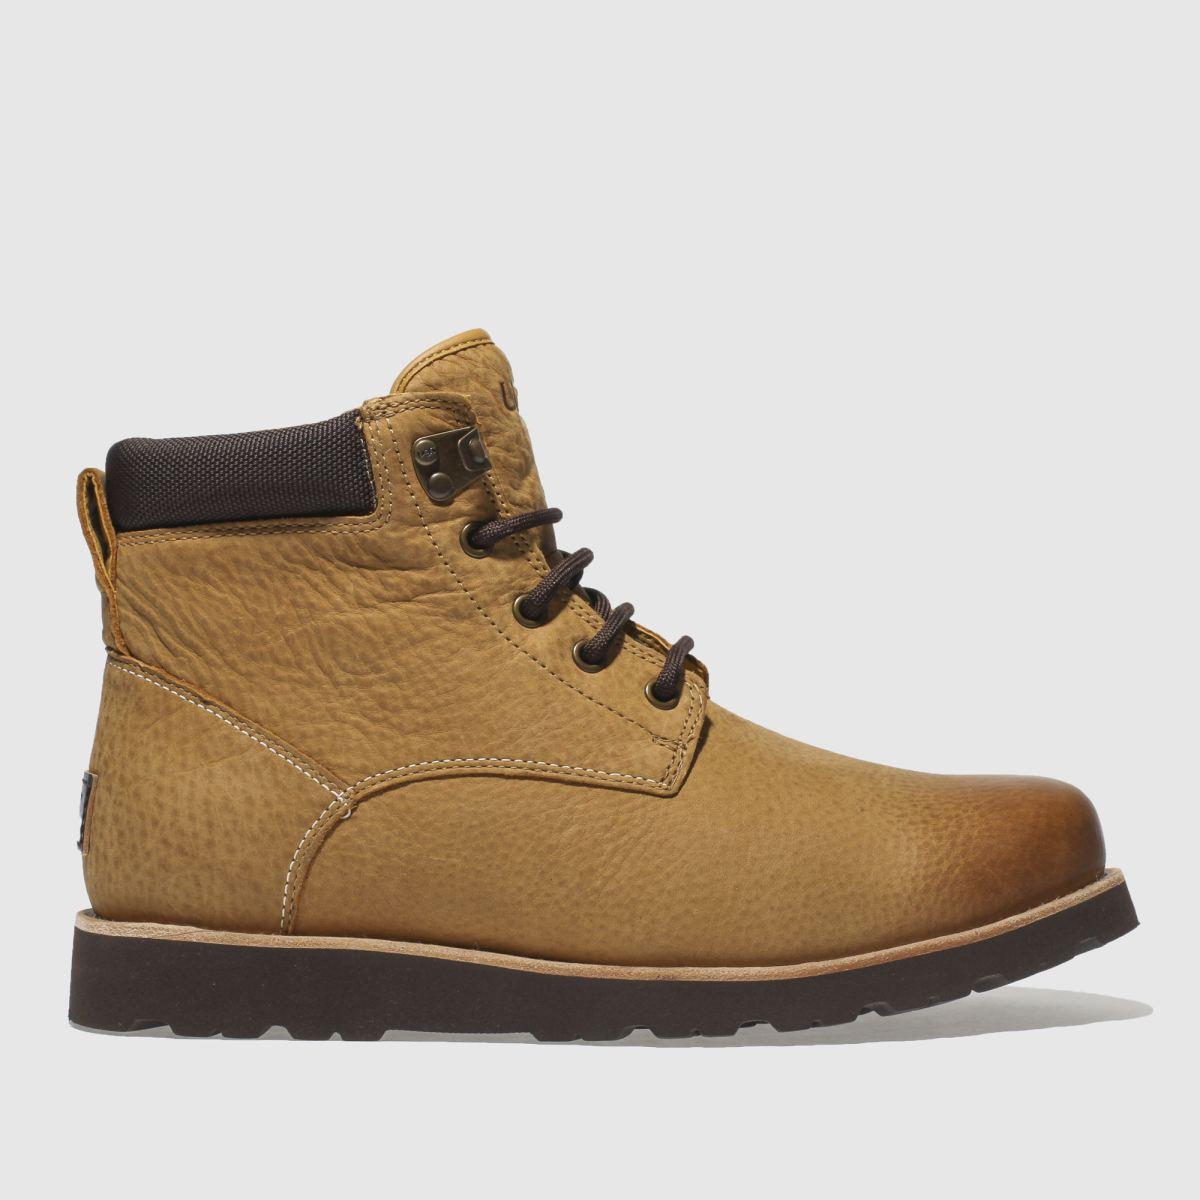 Ugg Natural Seton Tall Boots